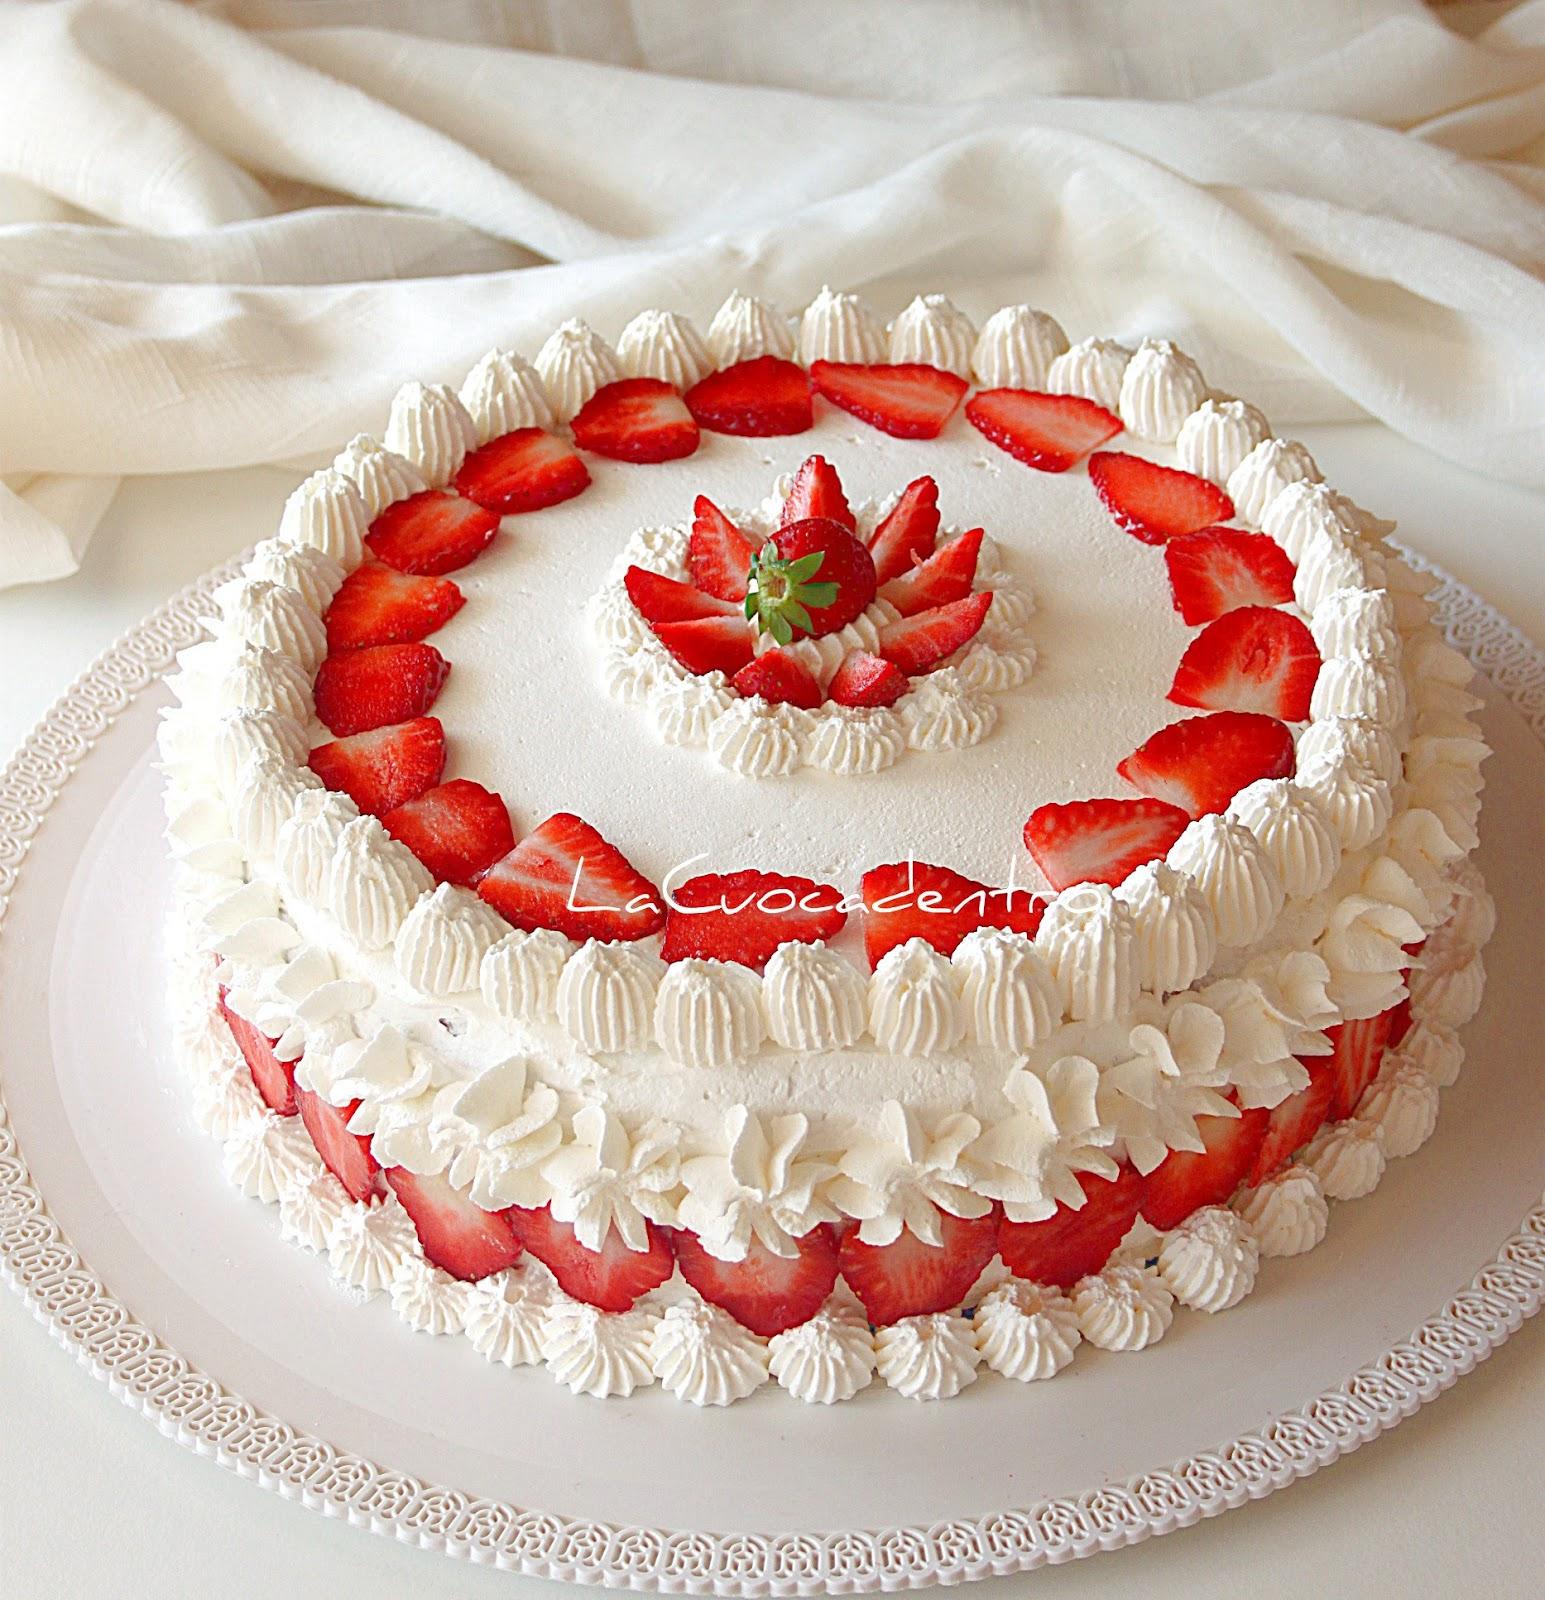 Torta Sospiro Alle Fragole La Cuoca Dentro